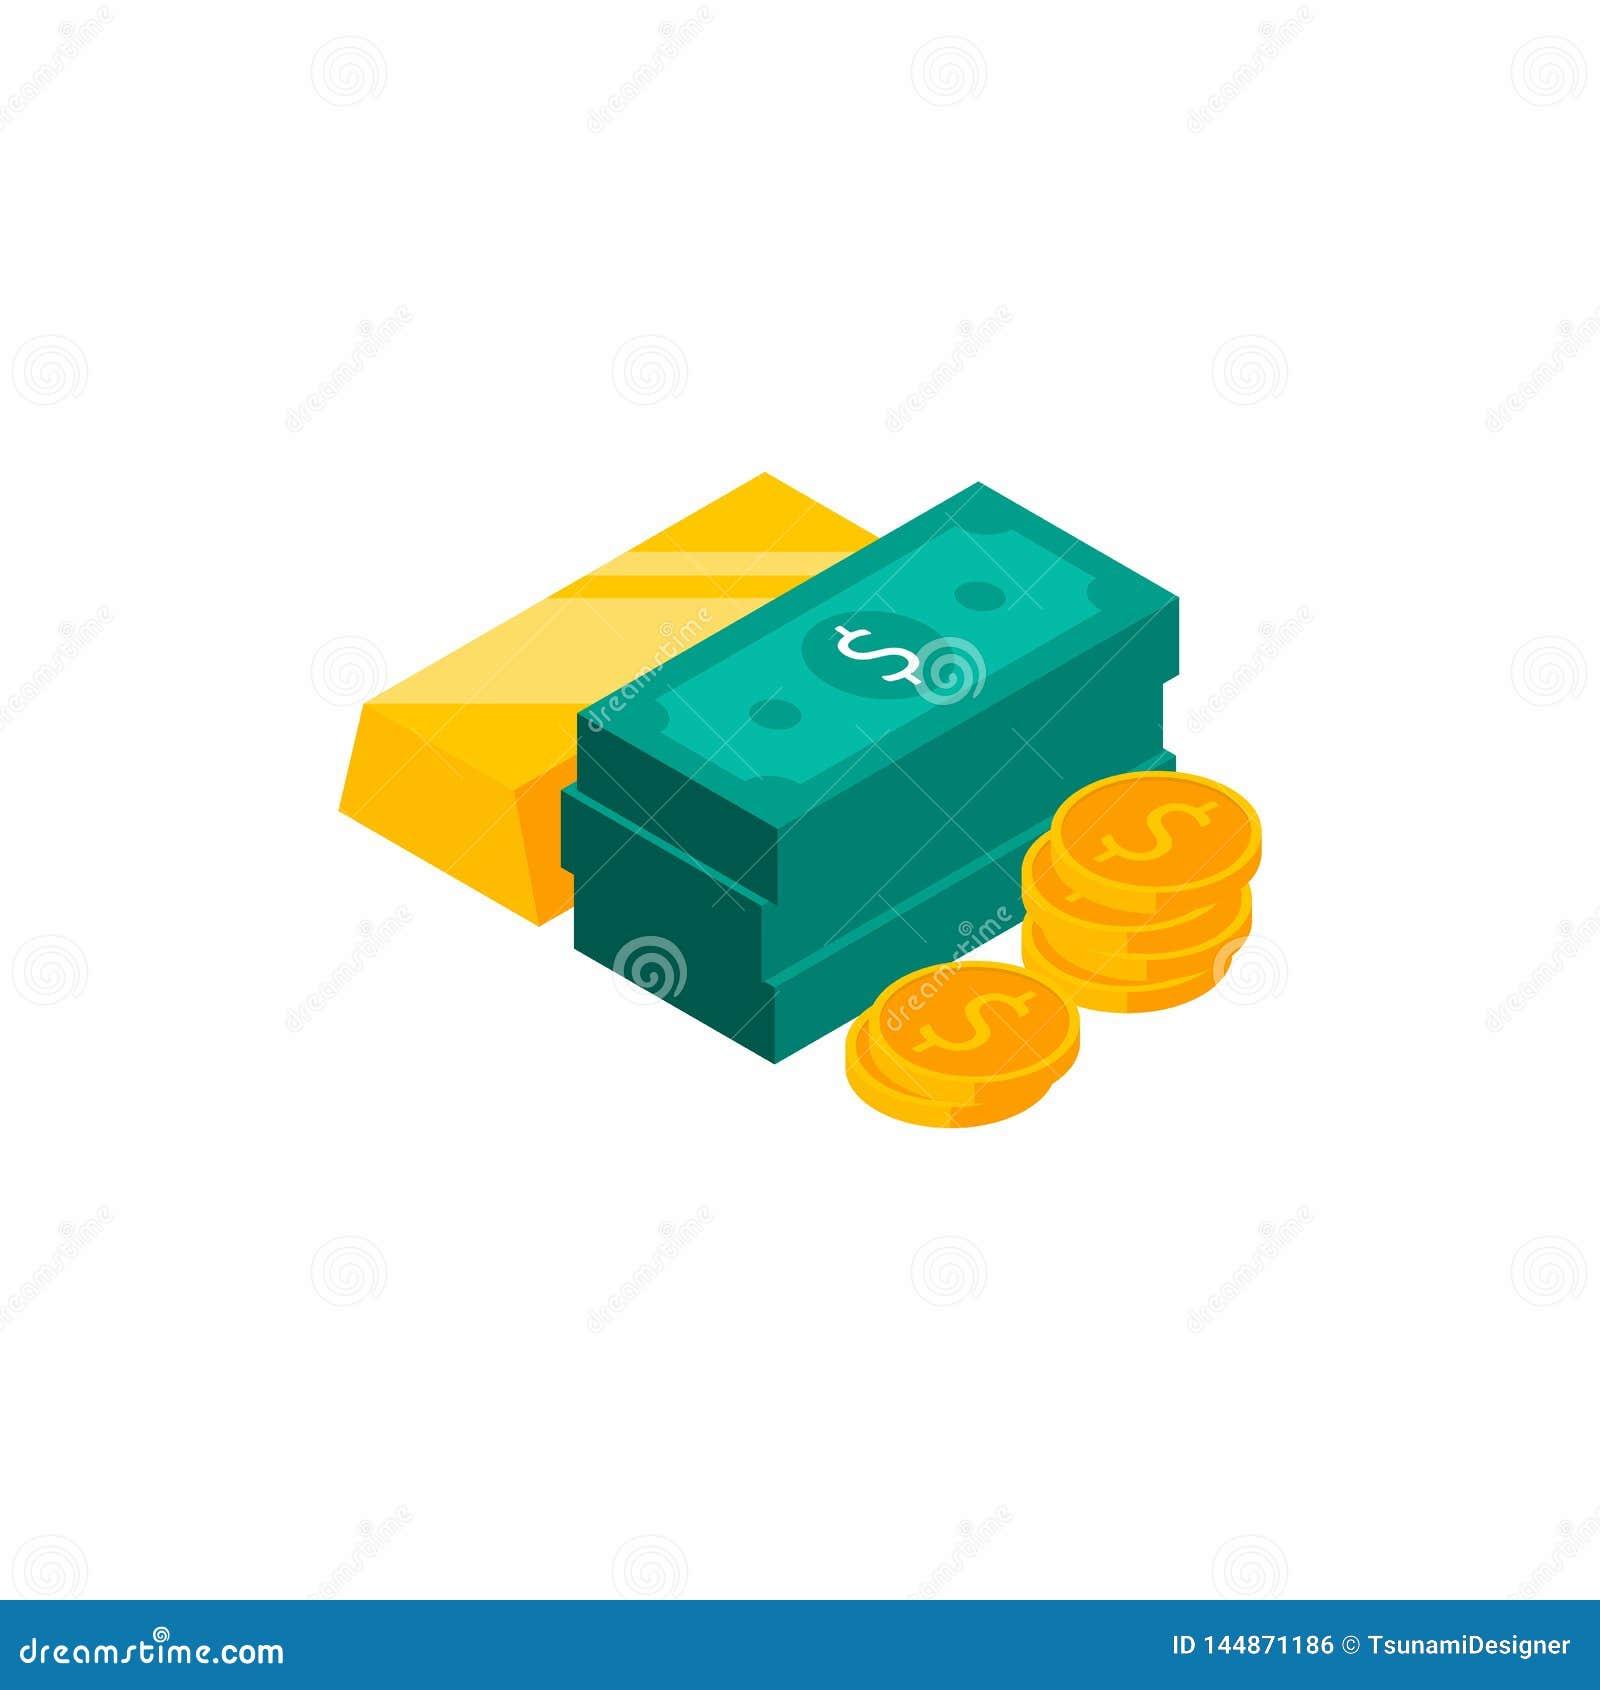 Gouden bar, Dollarsbundels, Geld, Dollar, Stapel van geld, Isometrisch Muntstuk, Financiën, Zaken, Geen achtergrond, Vector, Vla